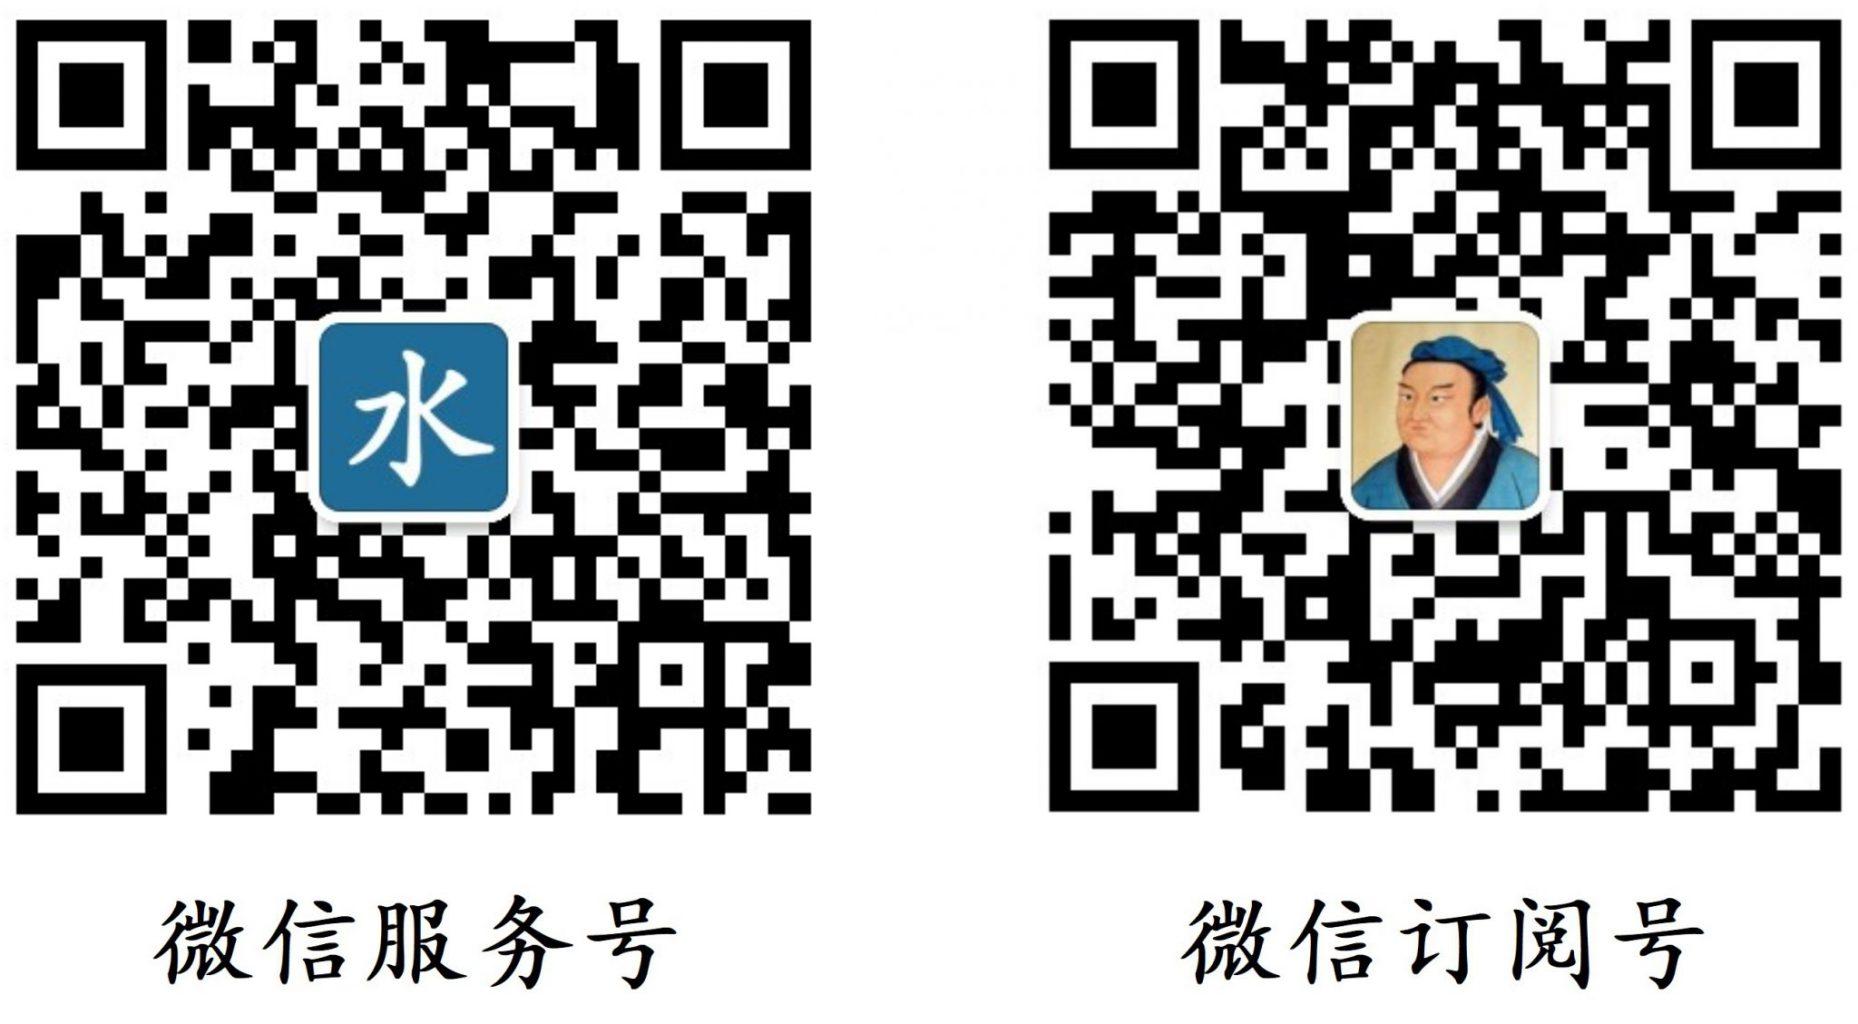 SLX-Weixin